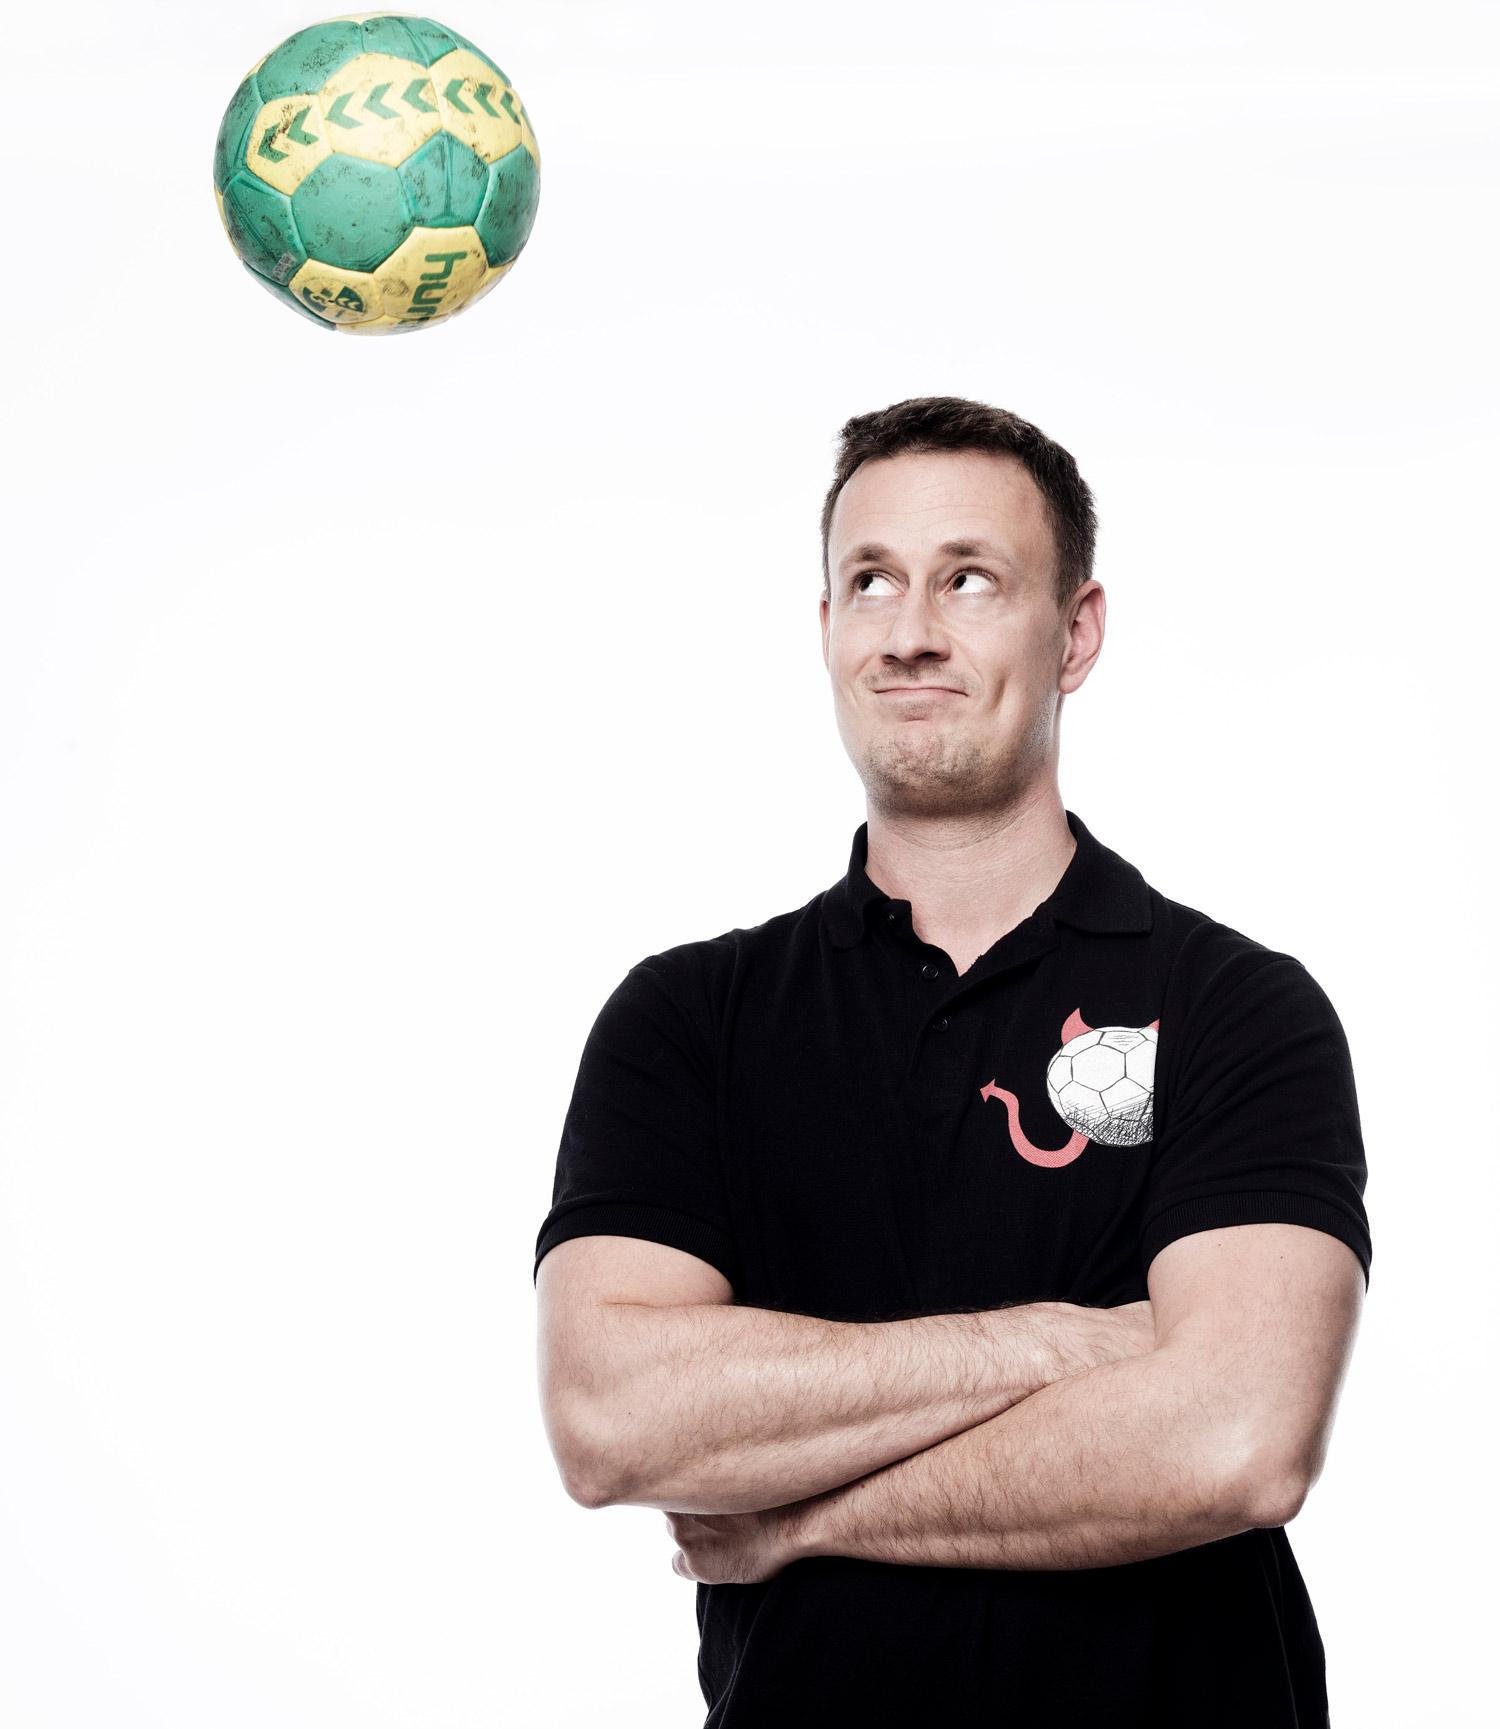 Handballhölle Bezirksliga - Gesichter Ruhr